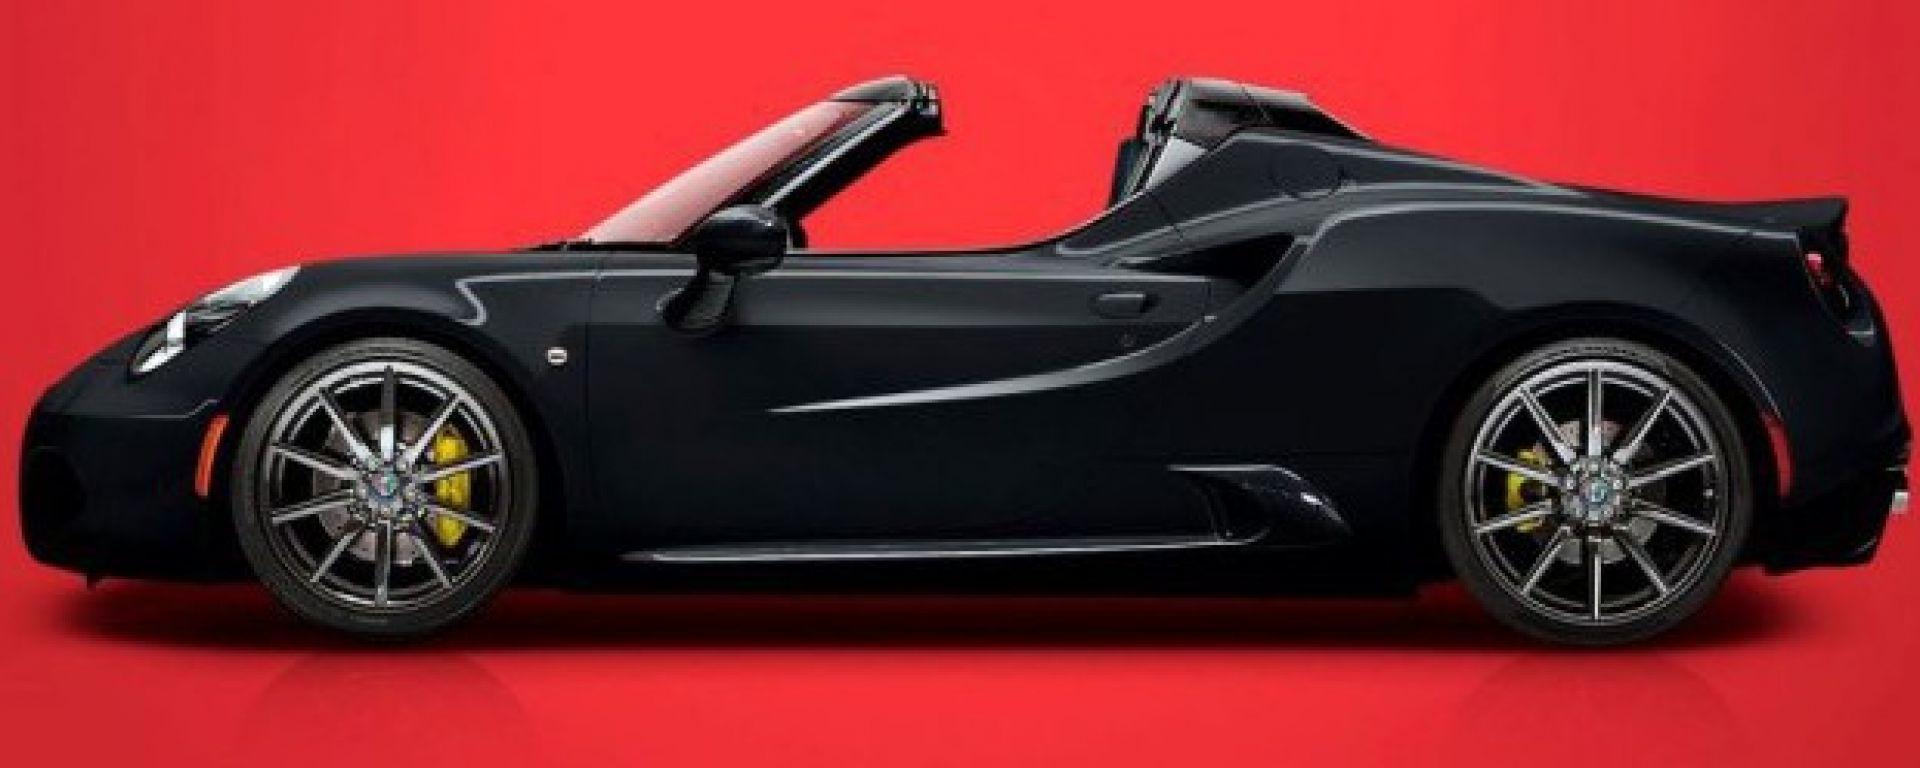 Alfa Romeo 4C Spider Special: 30 esemplari con carrozzeria nera